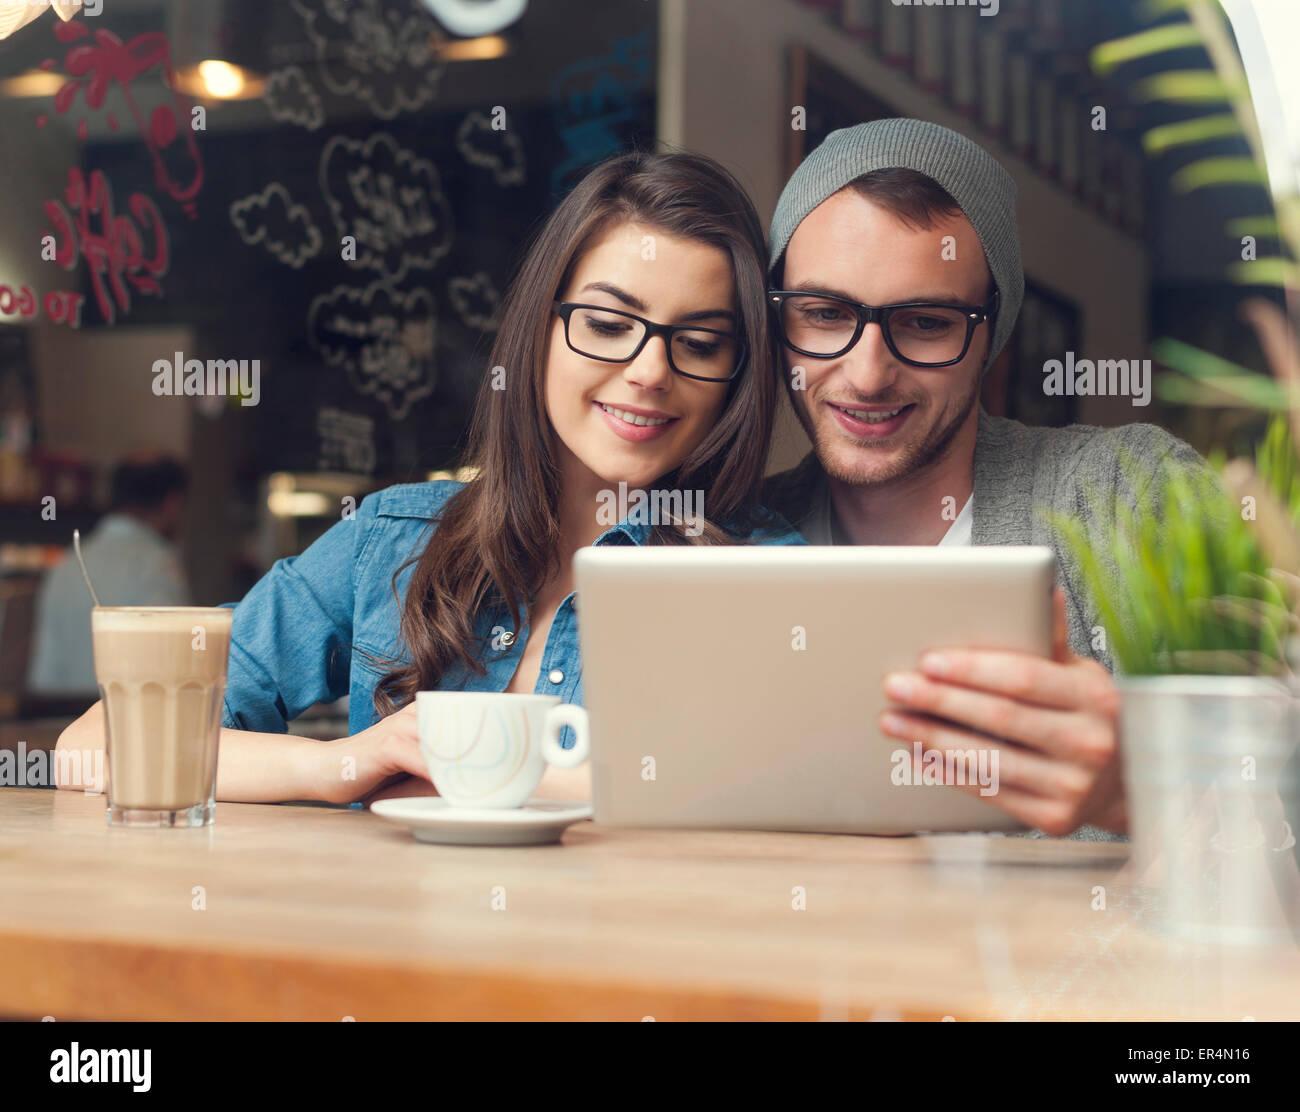 Hipster giovane godendo la connessione internet wireless presso il cafe. Cracovia in Polonia Immagini Stock